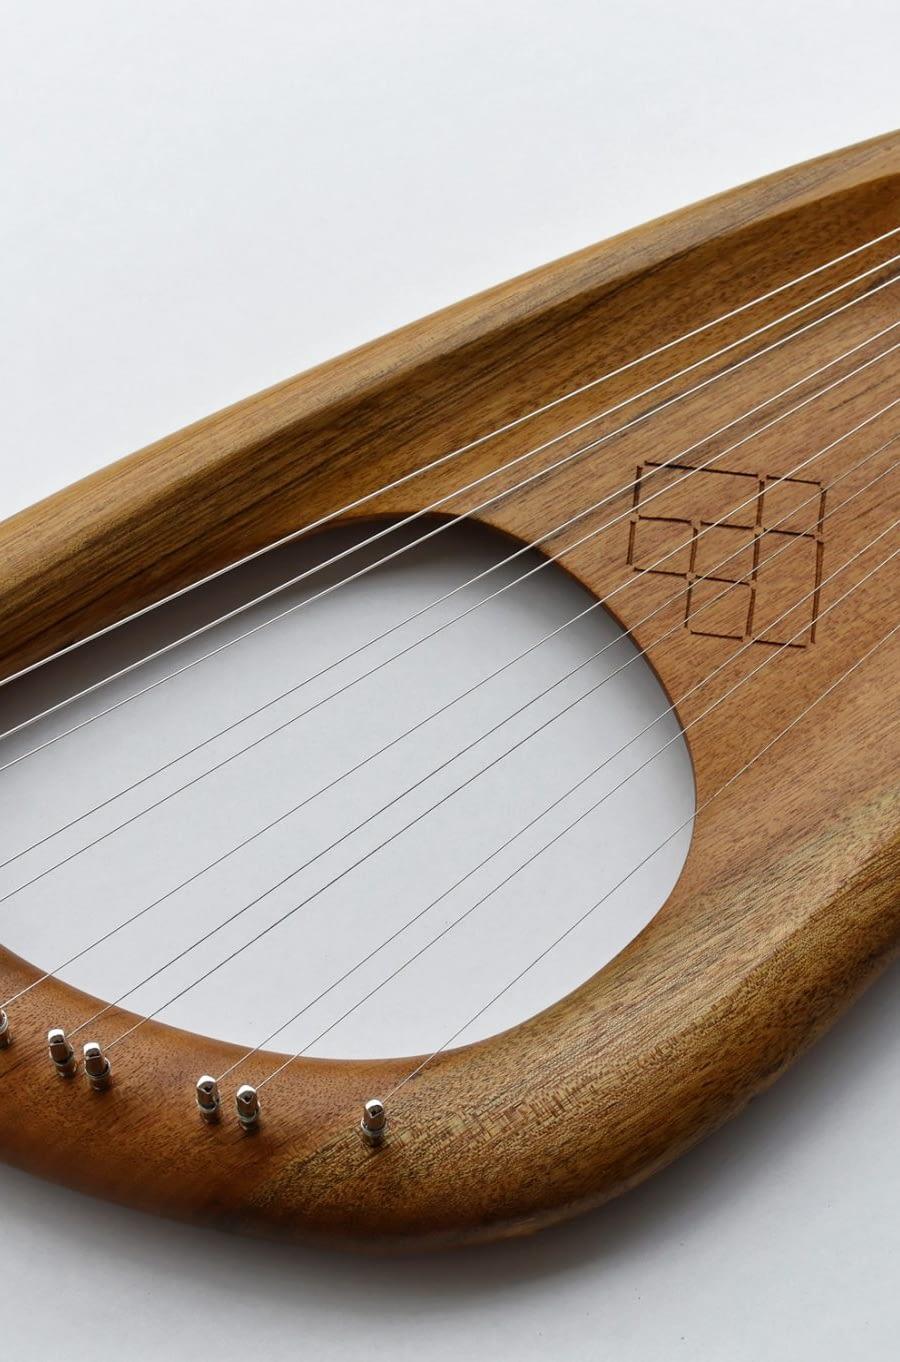 11 string Hirajoshi Lyre, Amazouke (Ovangkol) wood